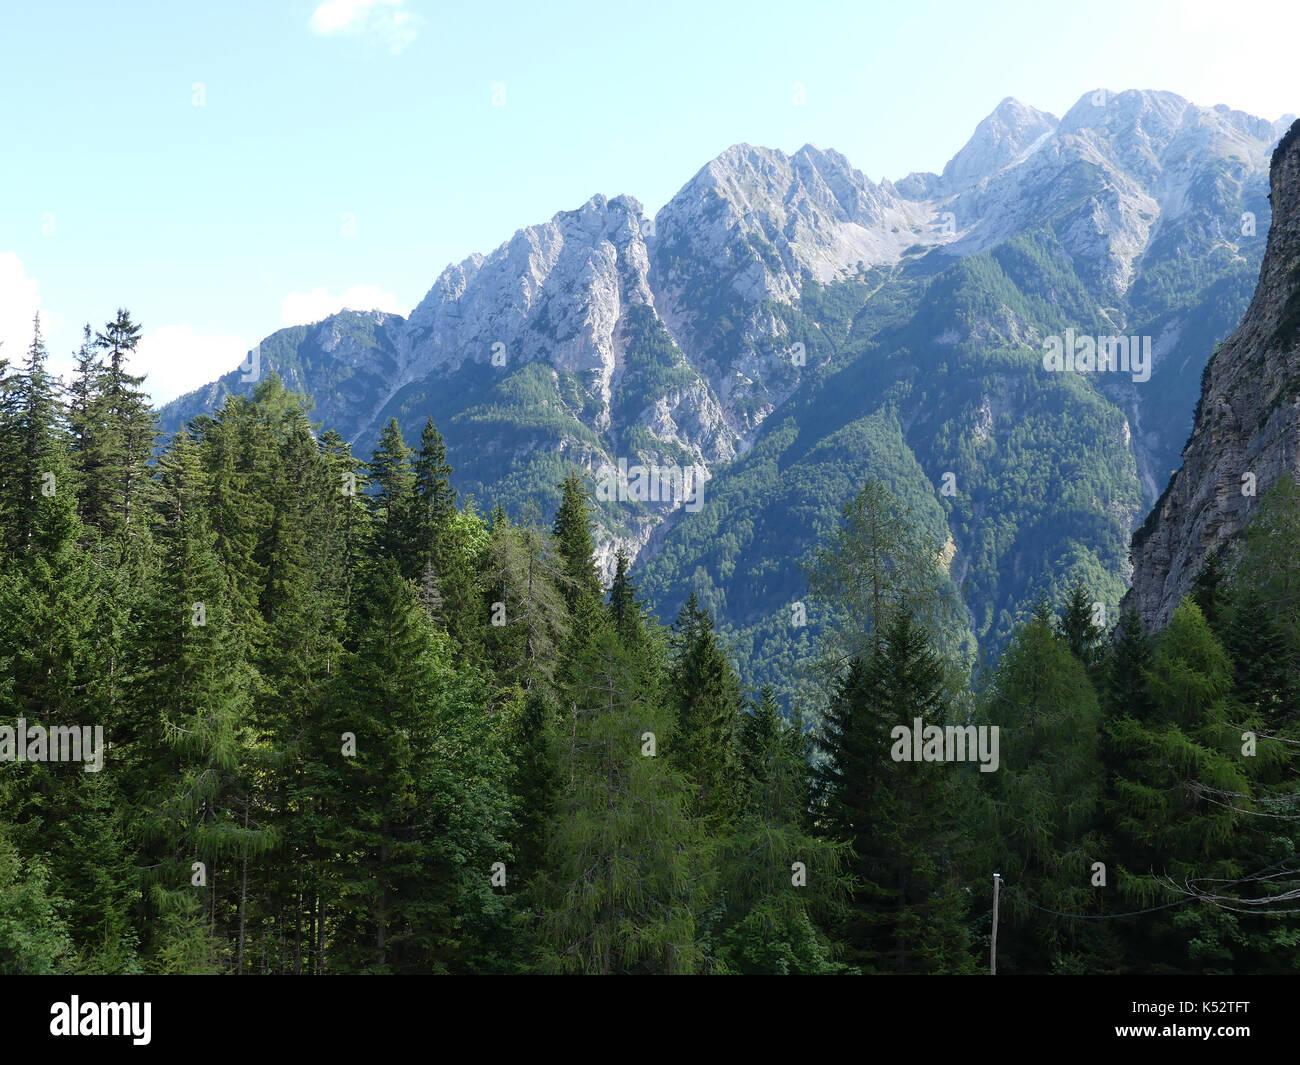 SLOVENIA  Section of the Julian Alps near Kobarid. Photo: Tony Gale - Stock Image